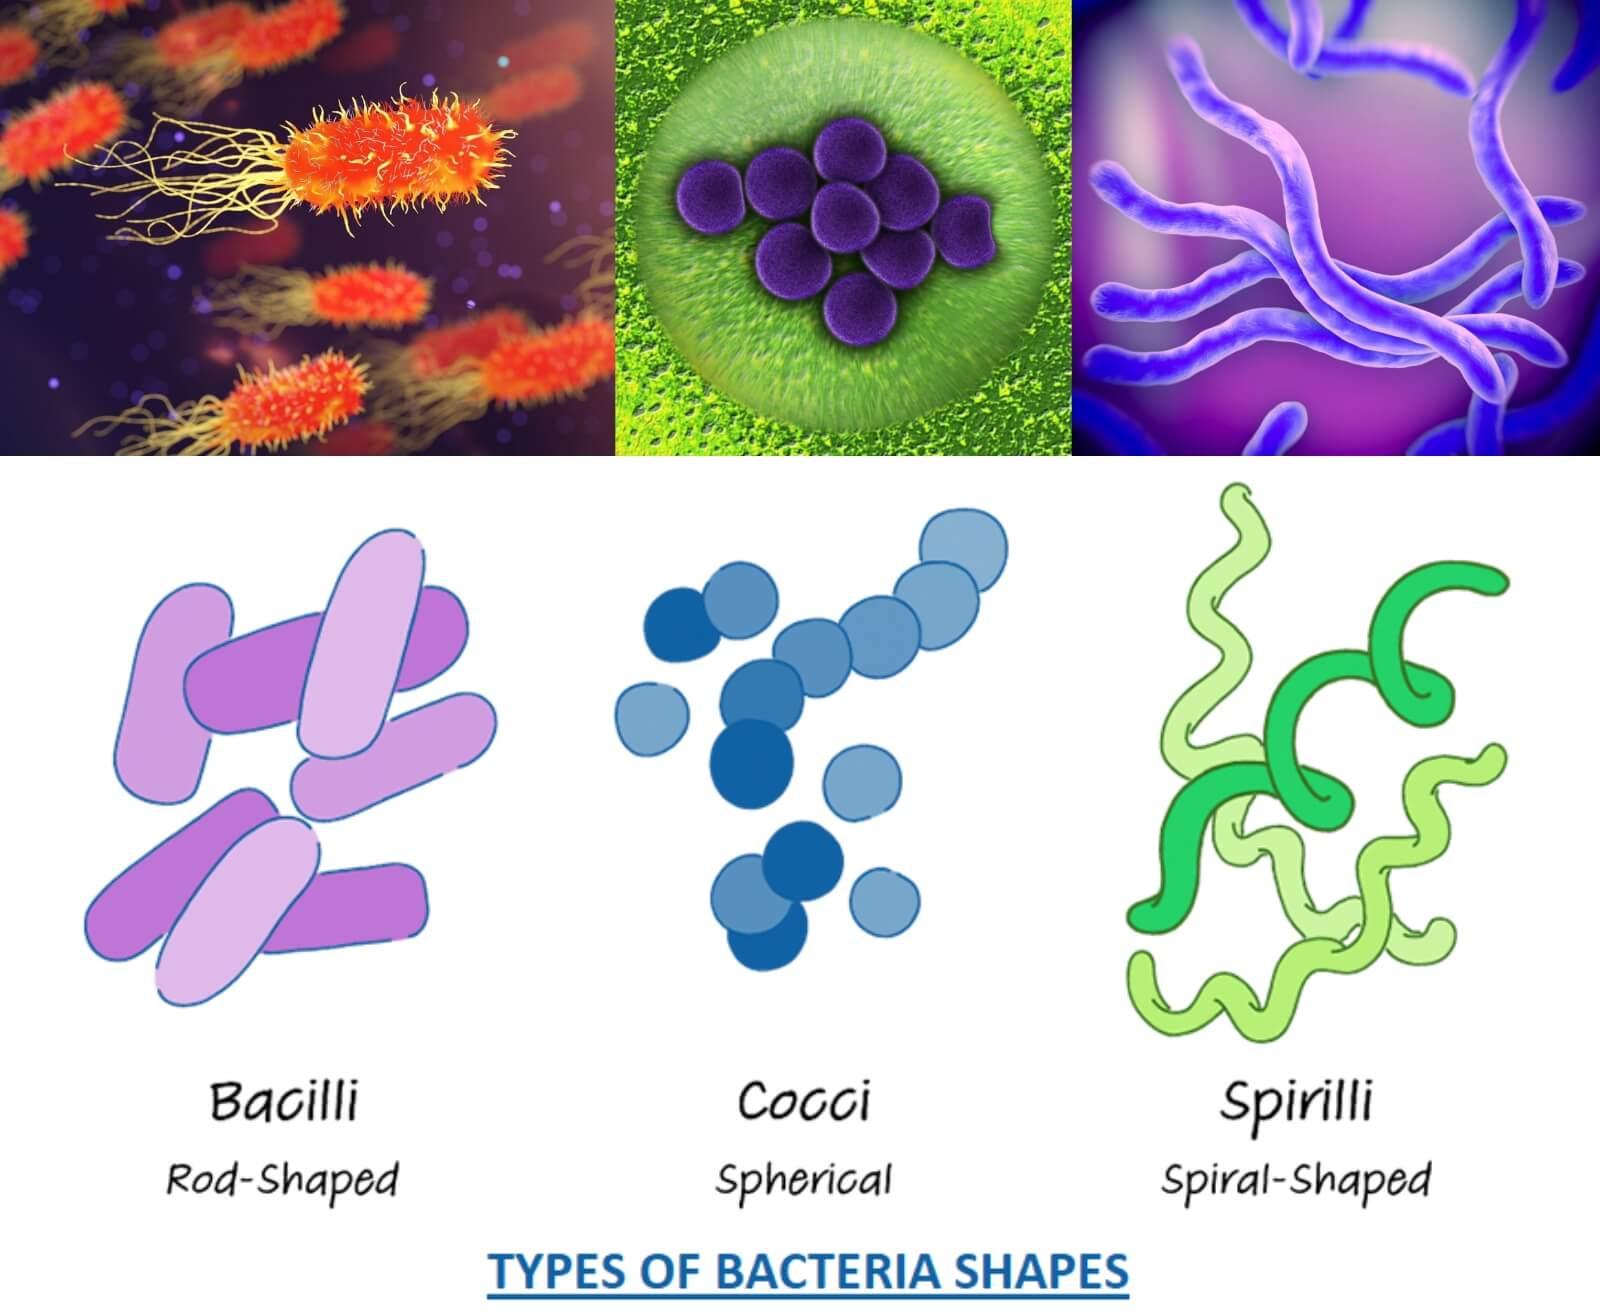 bacteria types bacillus coccus spirillus